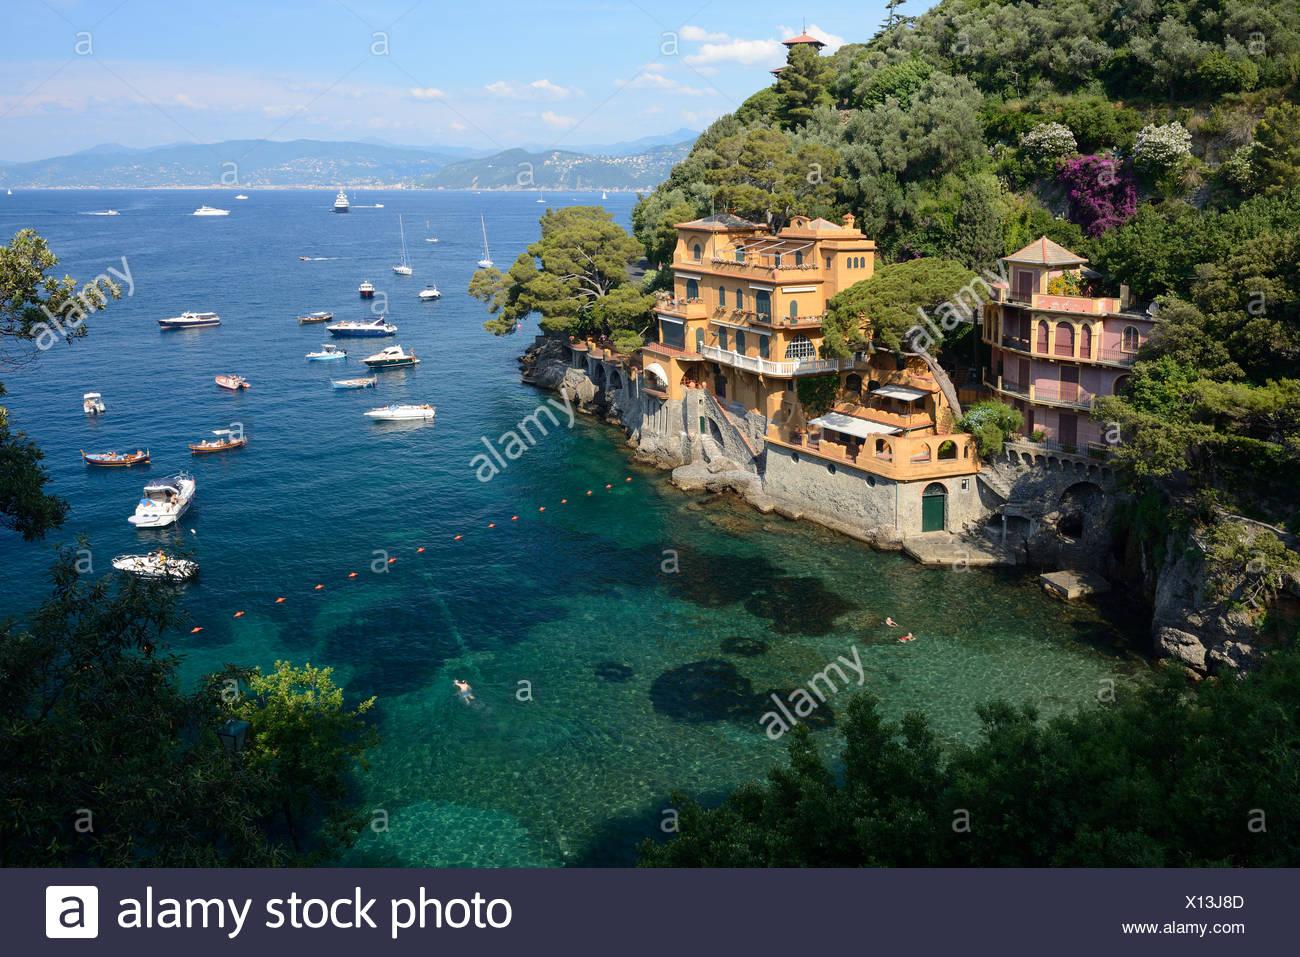 Italy, Riviera, Genoa province, Portofino, Mediterranean, sea, cove, coastline - Stock Image